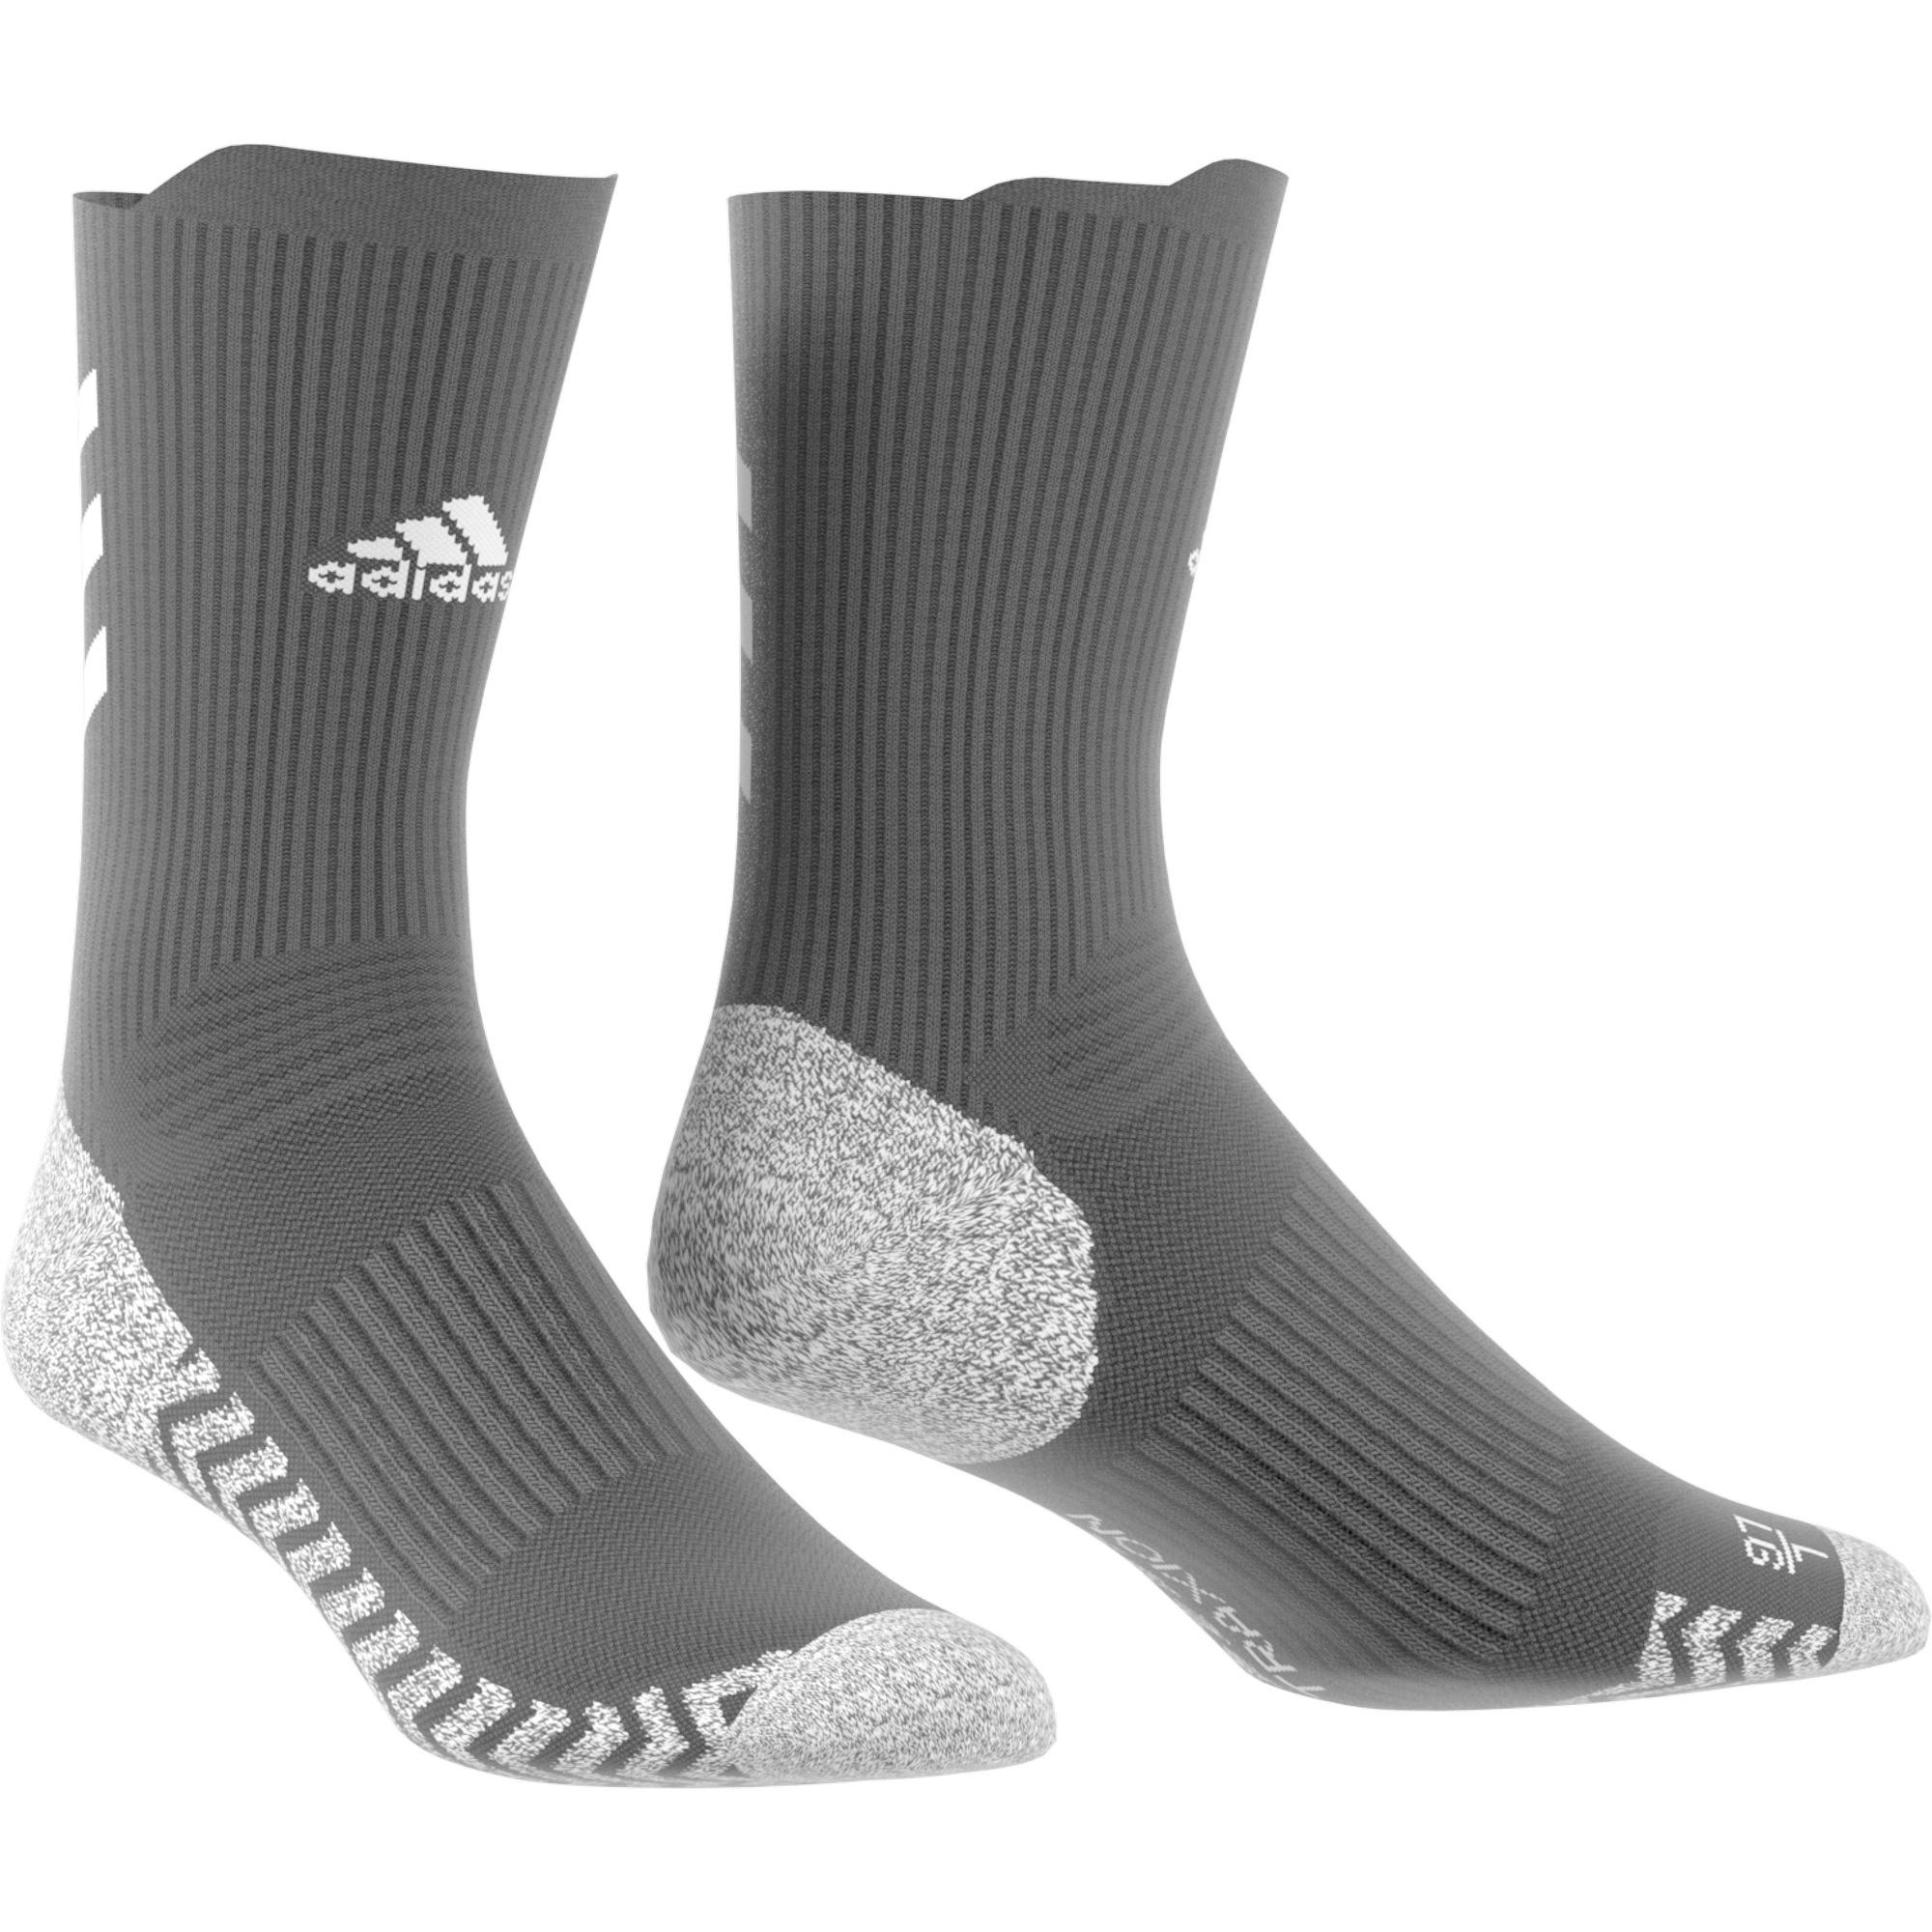 Adidas ADIDAS Ultralight Traxion Sock